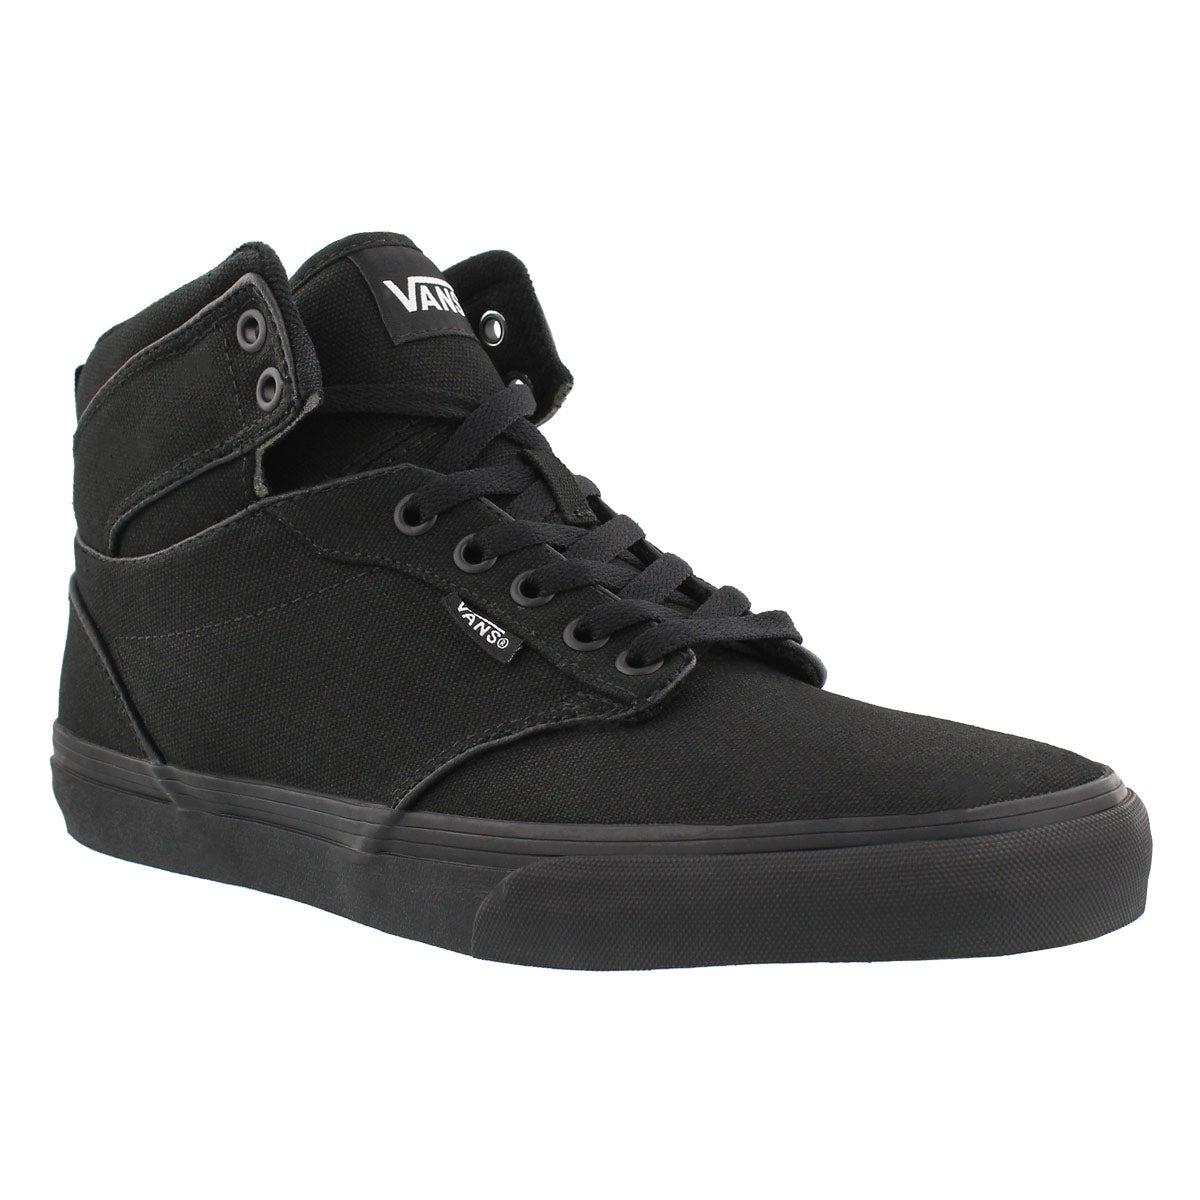 Men's ATWOOD HI black/black sneakers